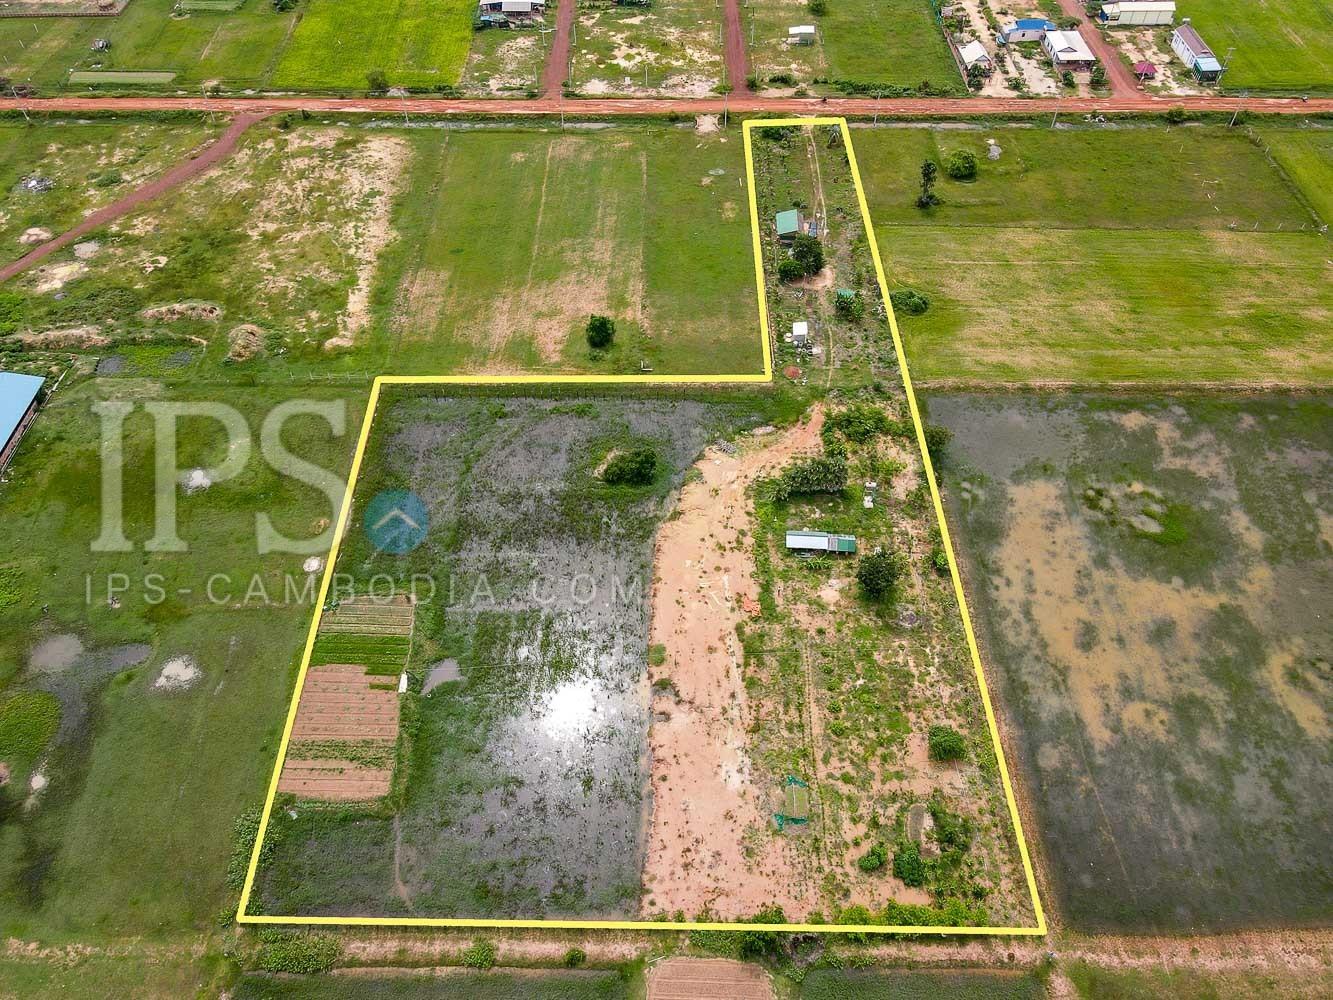 12000 Sqm Land For Sale - Chreav, Siem Reap